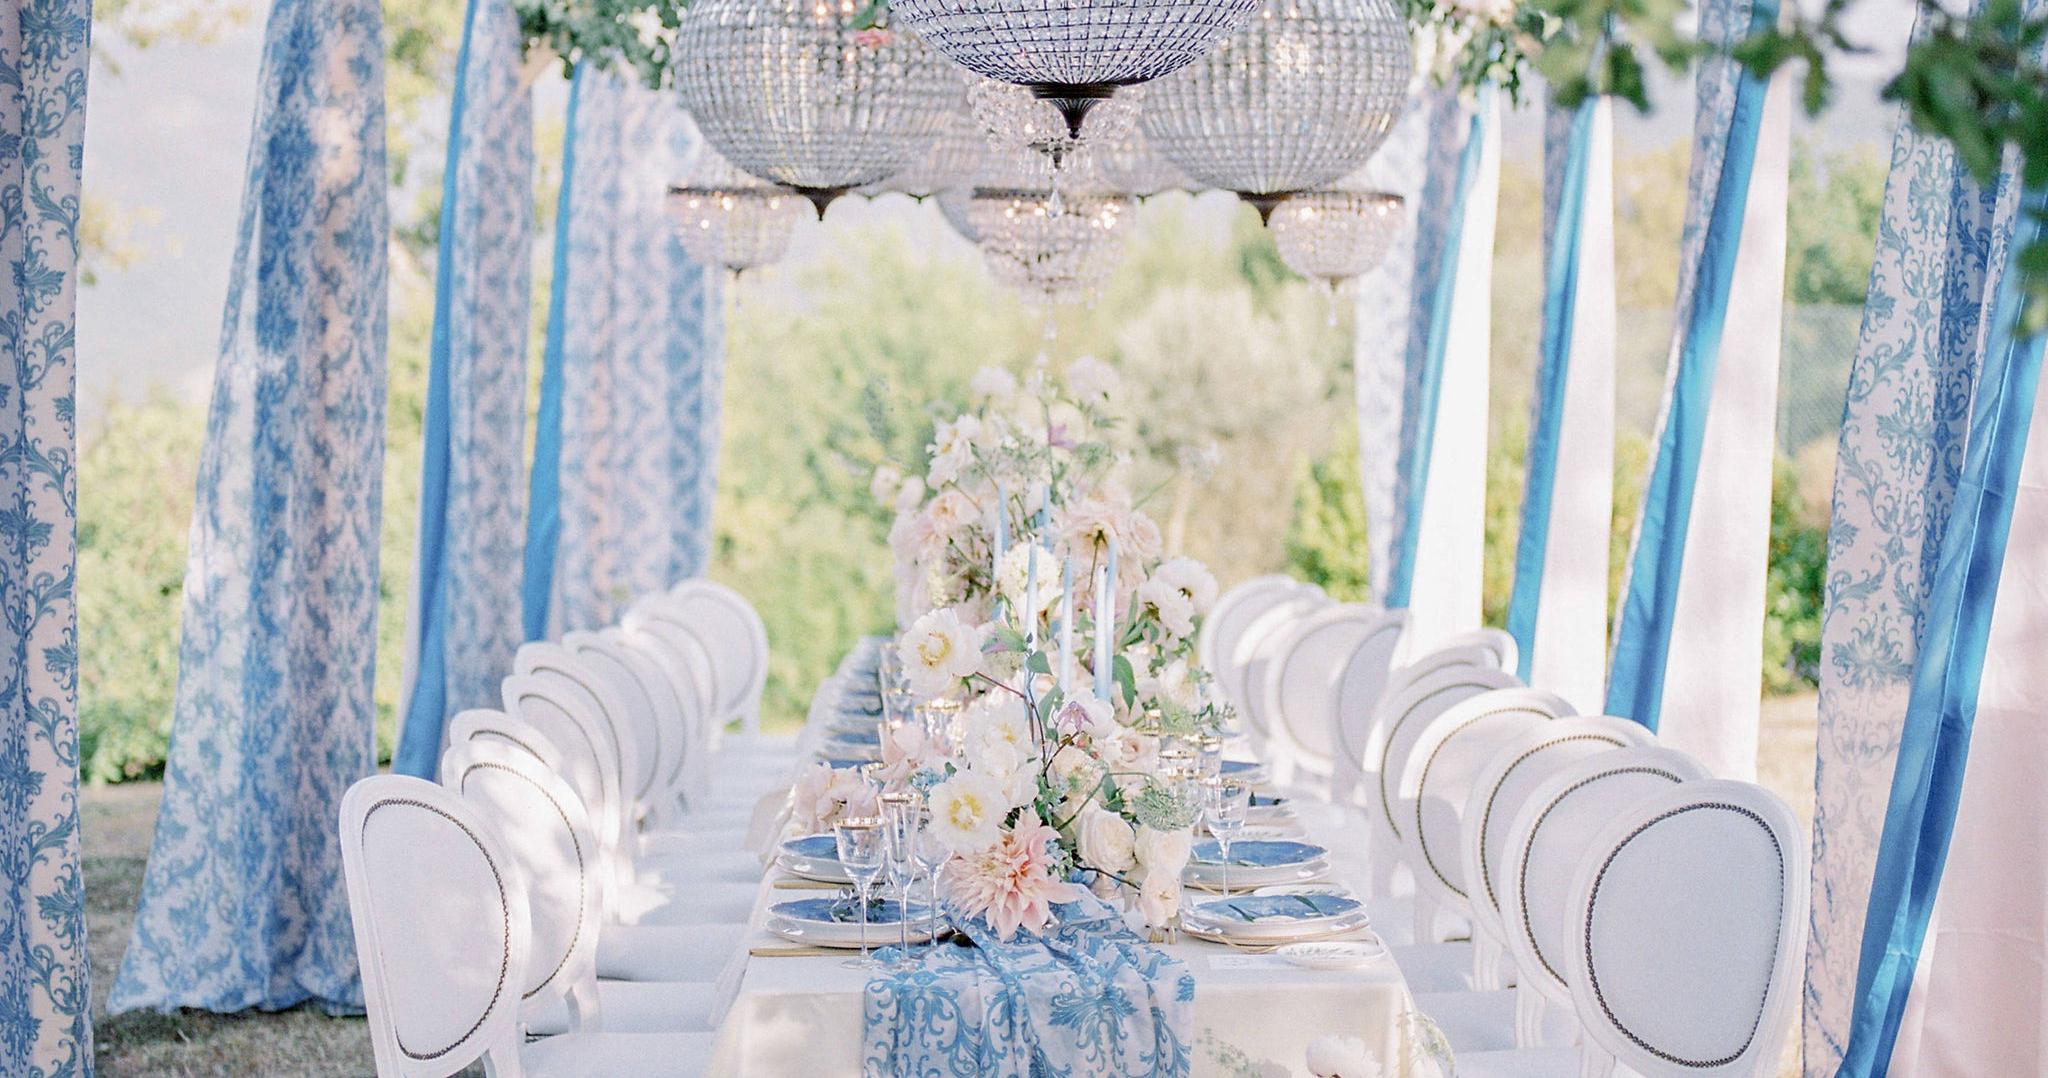 Итальянский свадебный ужин под оливковыми деревьями